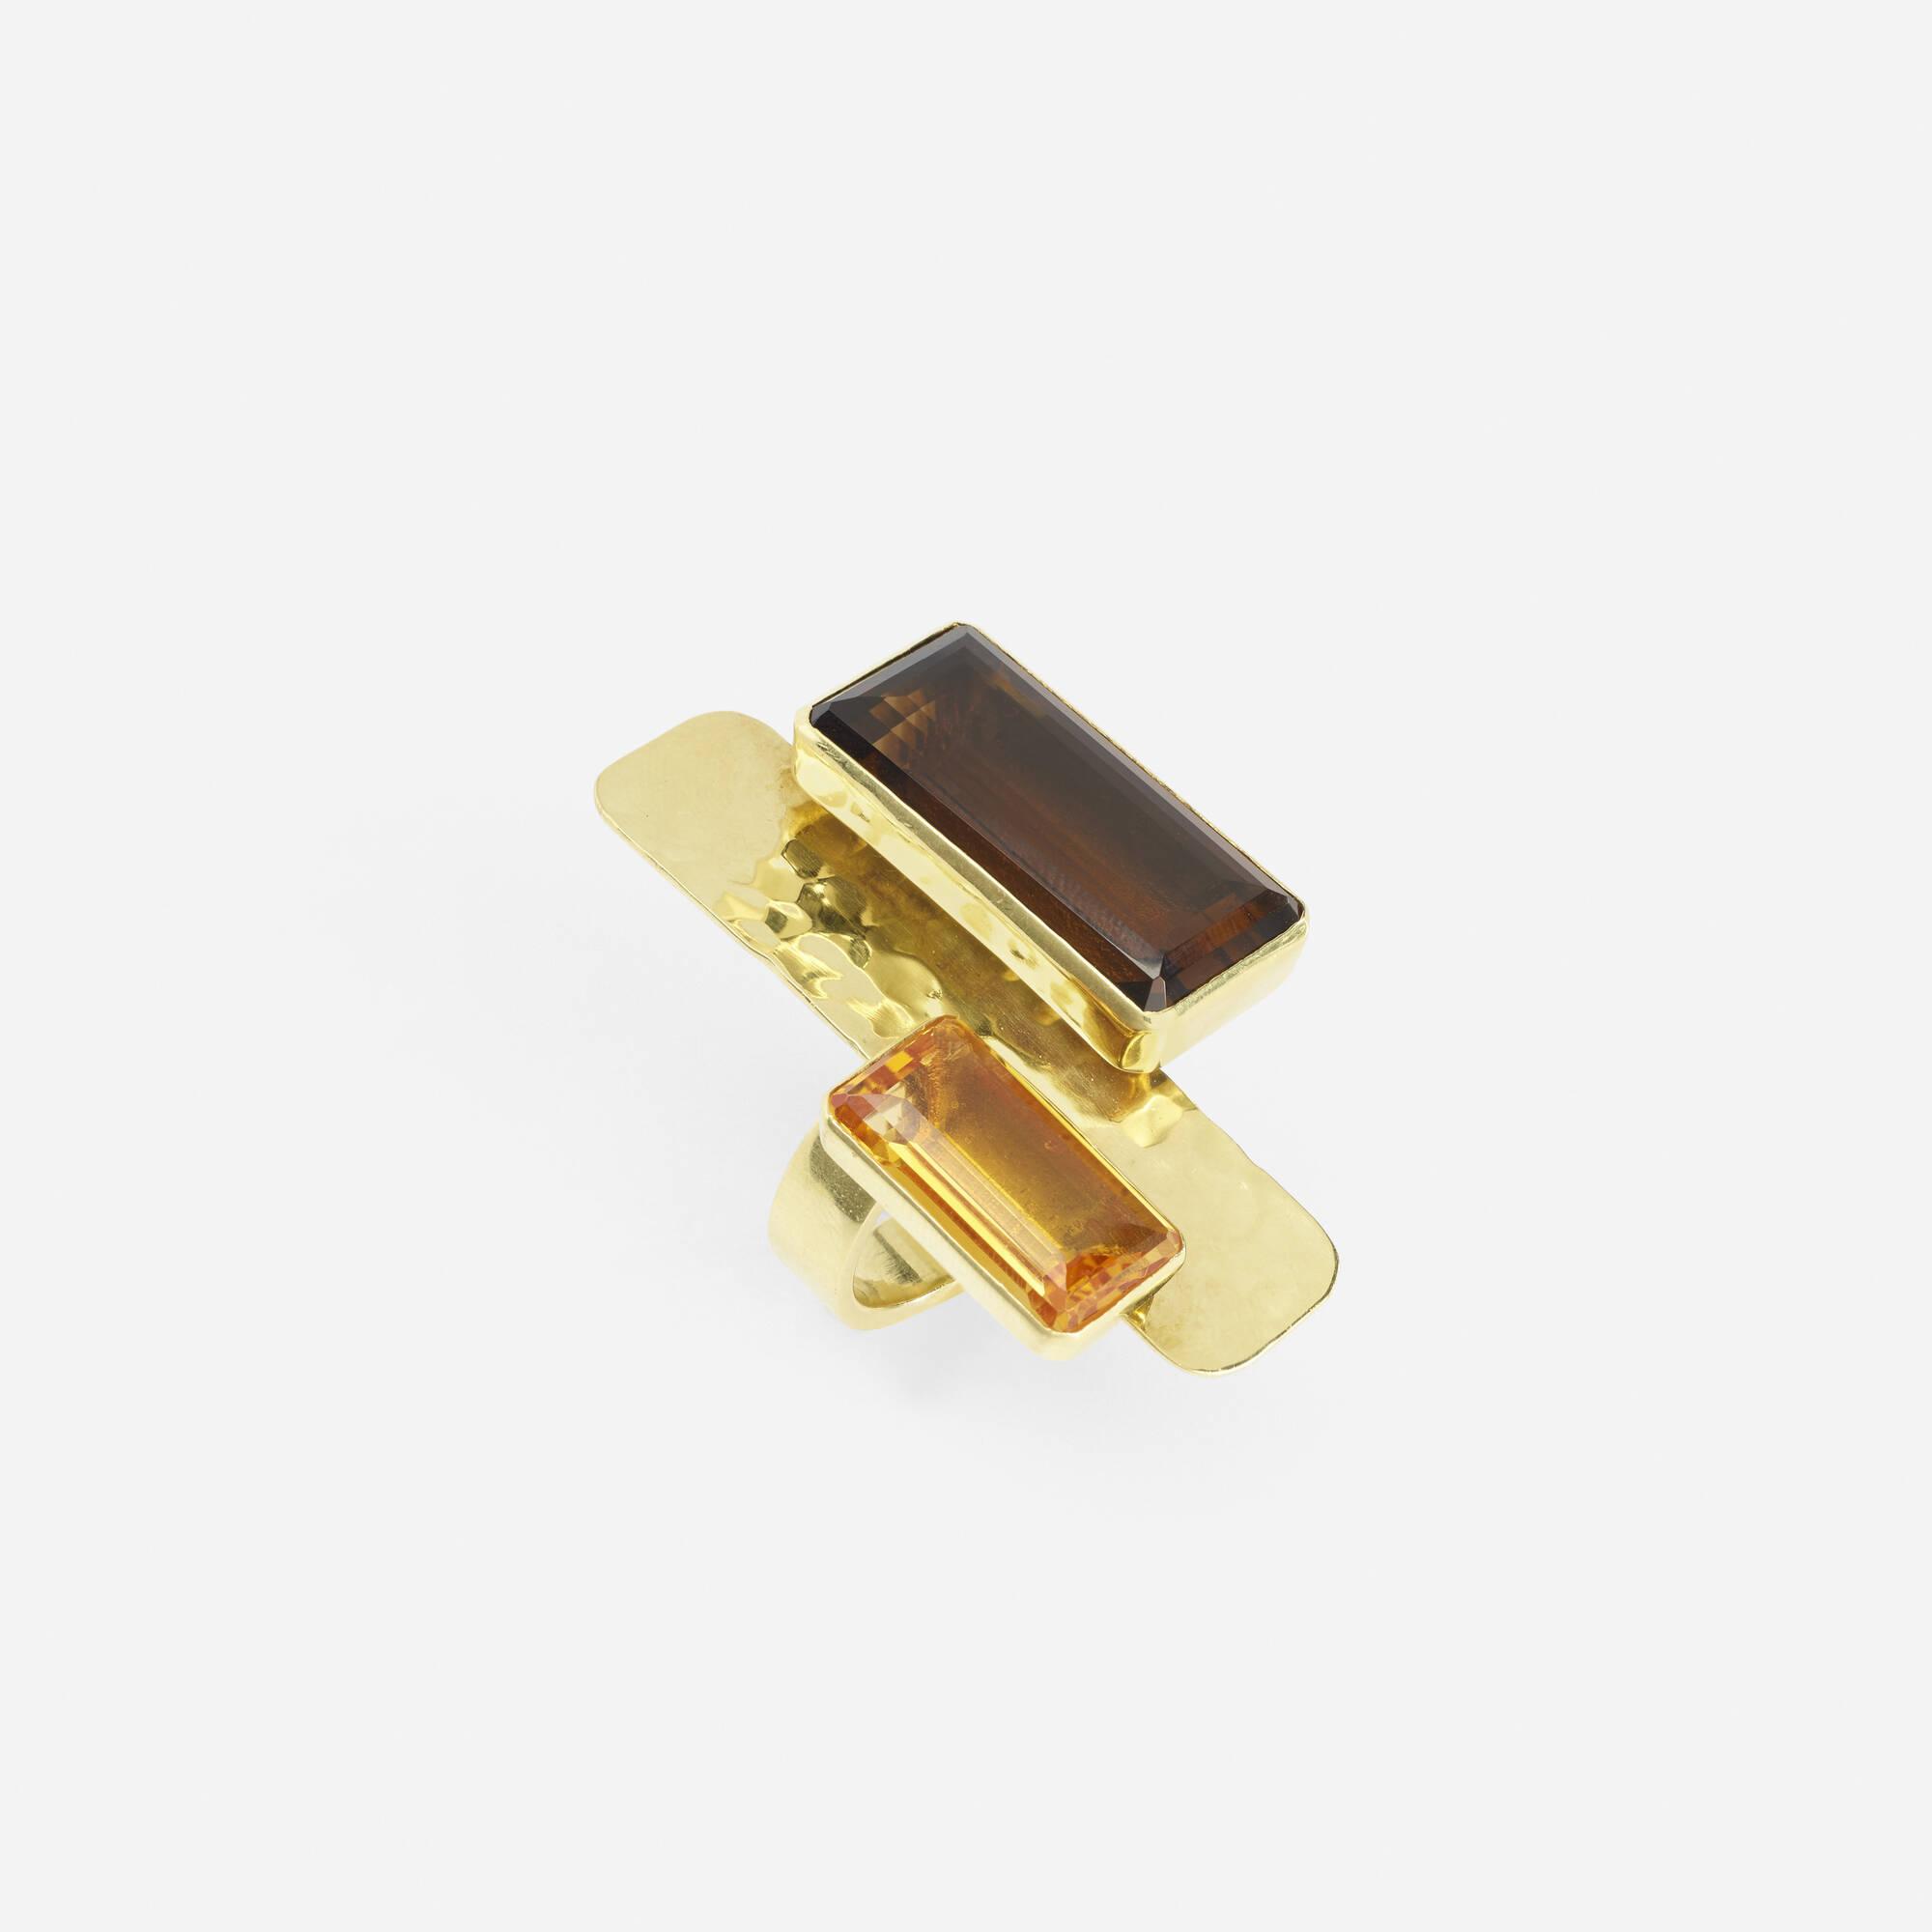 239: Robert Lee Morris / A gold and quartz ring (1 of 1)